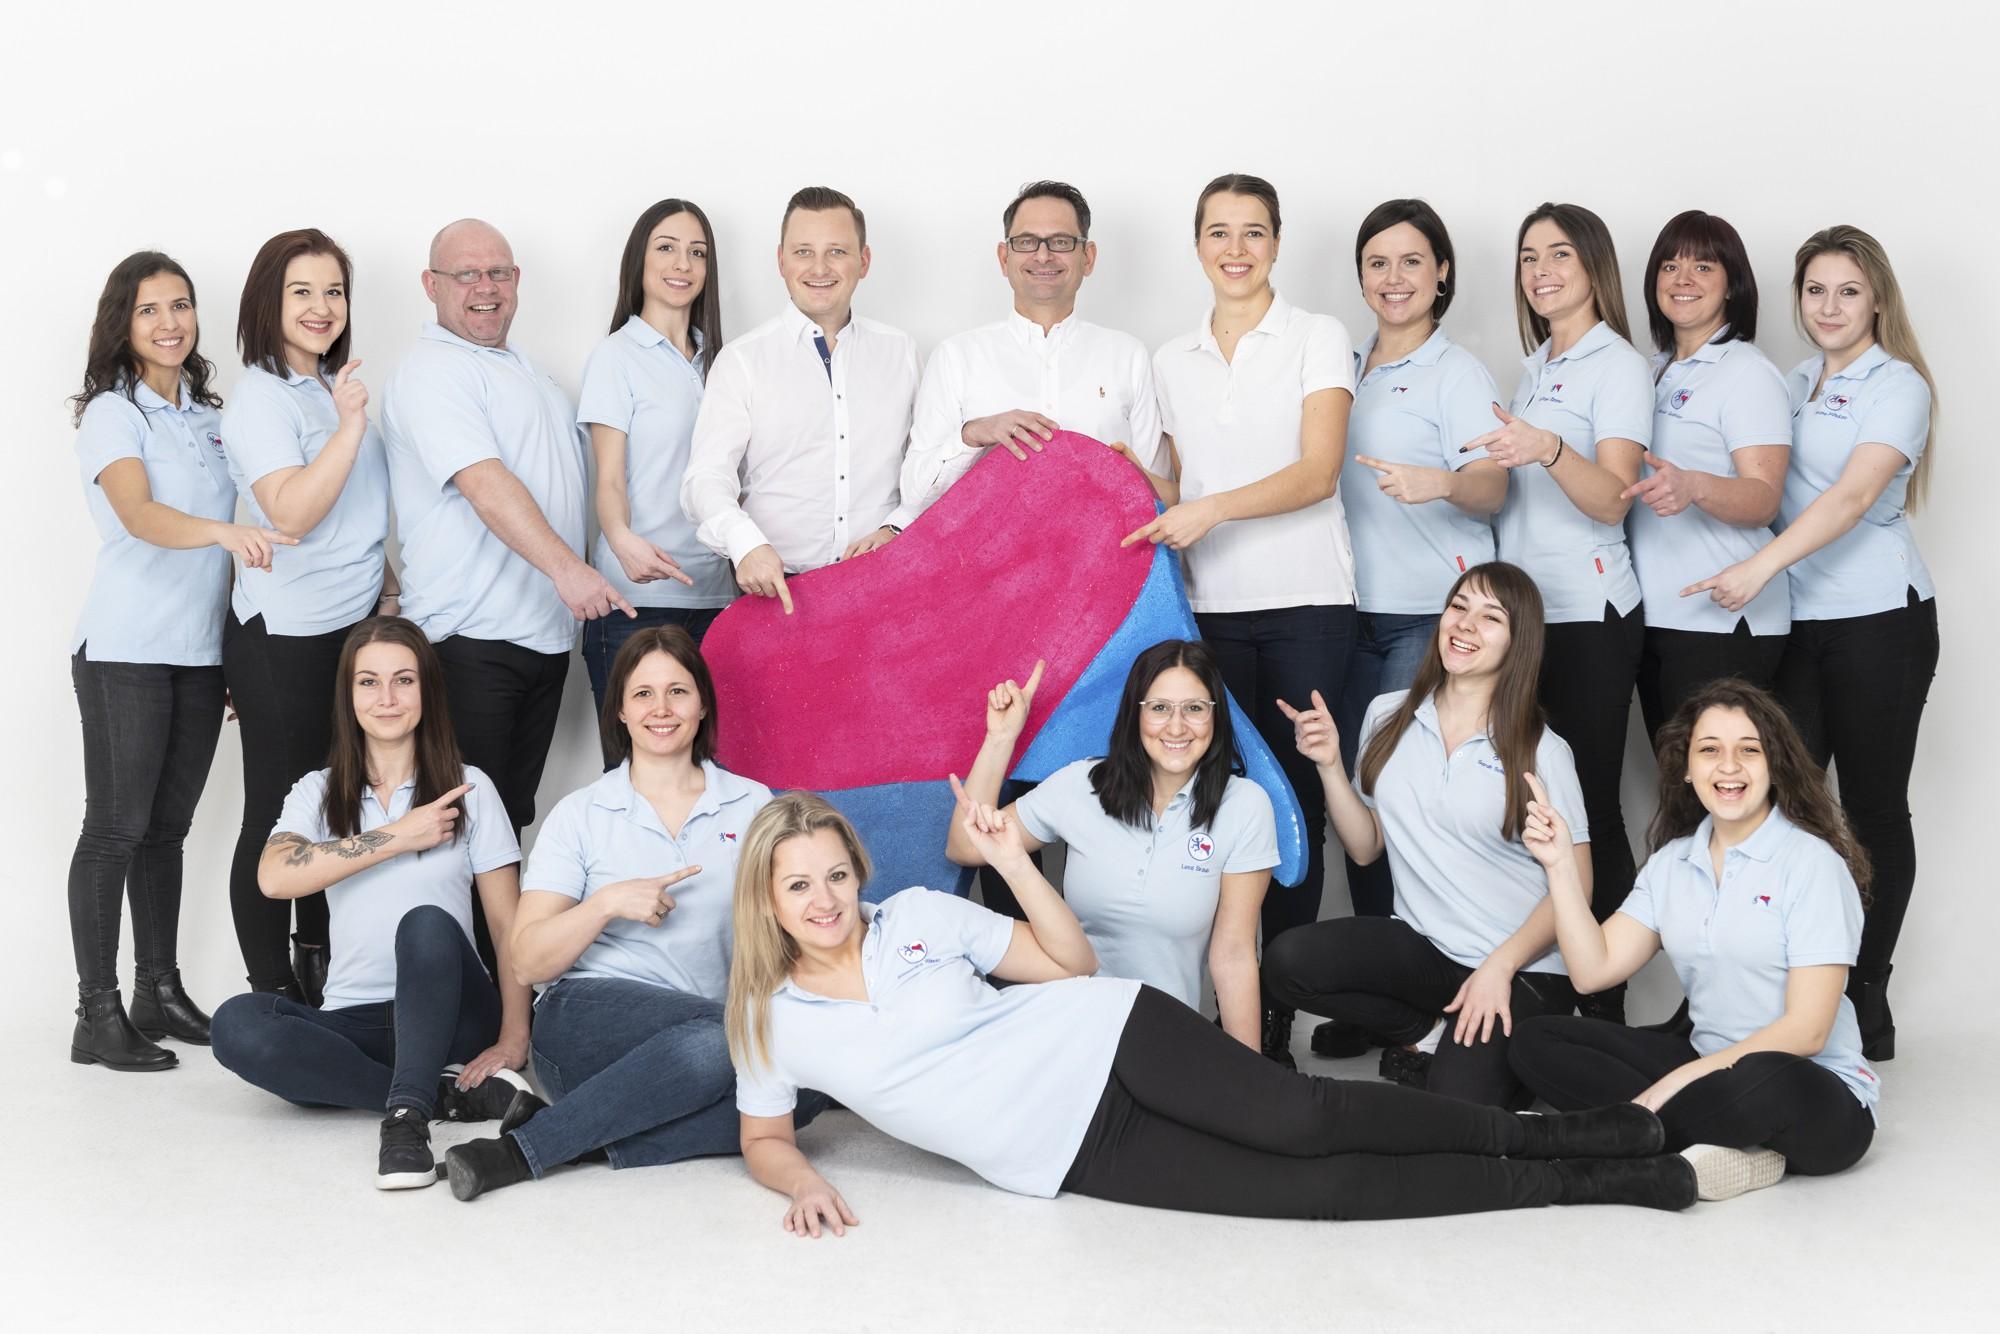 Mit Herz und Leidenschaft ist unser Team für Kieferorthopädie bei der Arbeit.